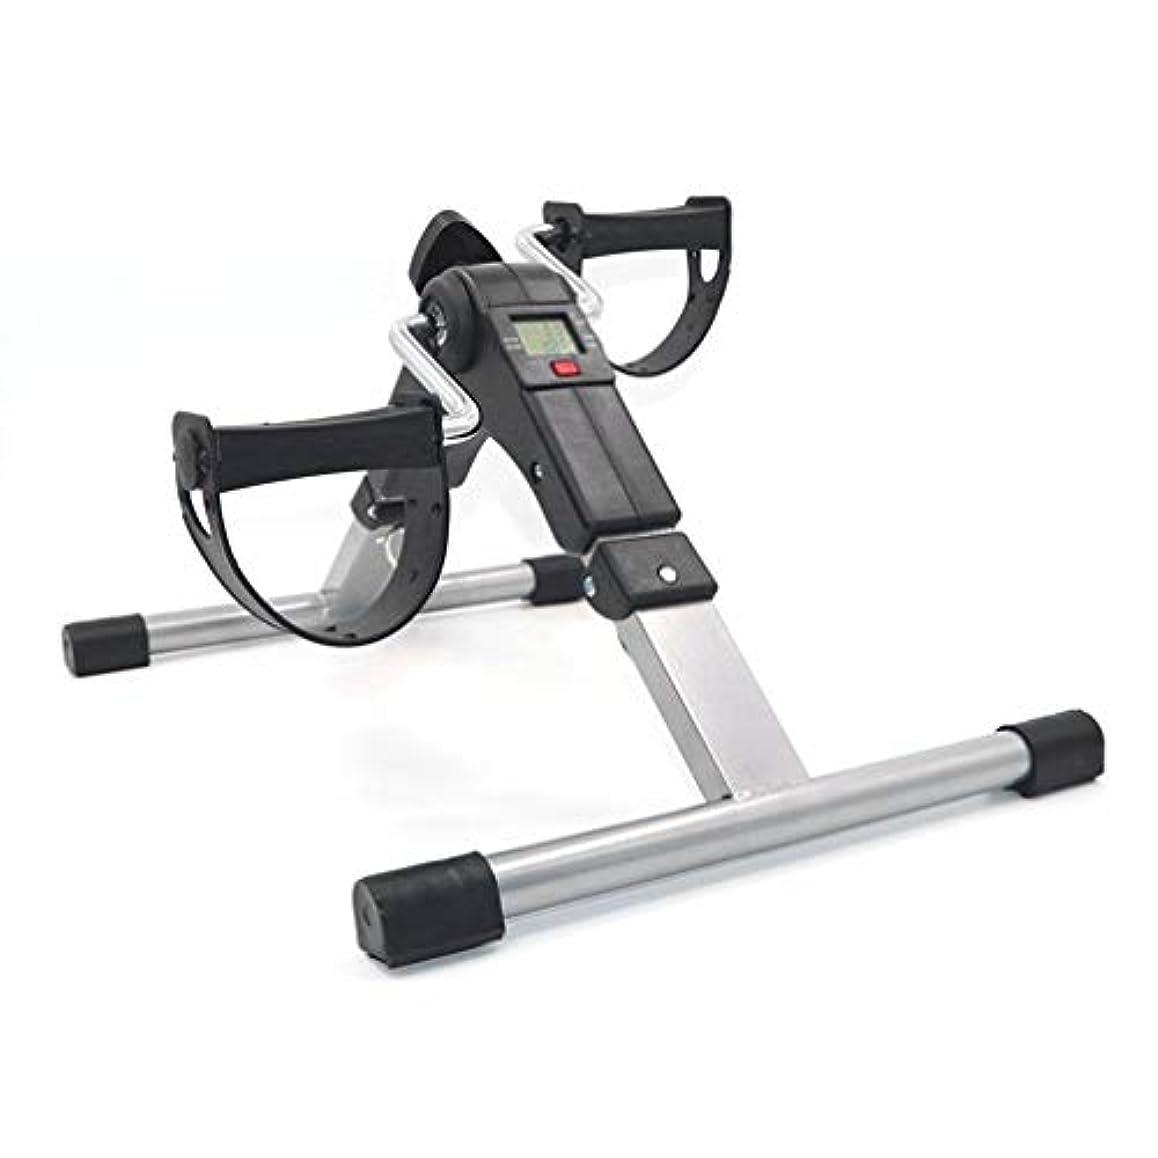 熟考する回る種実用的なトレーナー自転車脚エクササイザーストローク片麻痺リハビリテーションペダル-innovationo